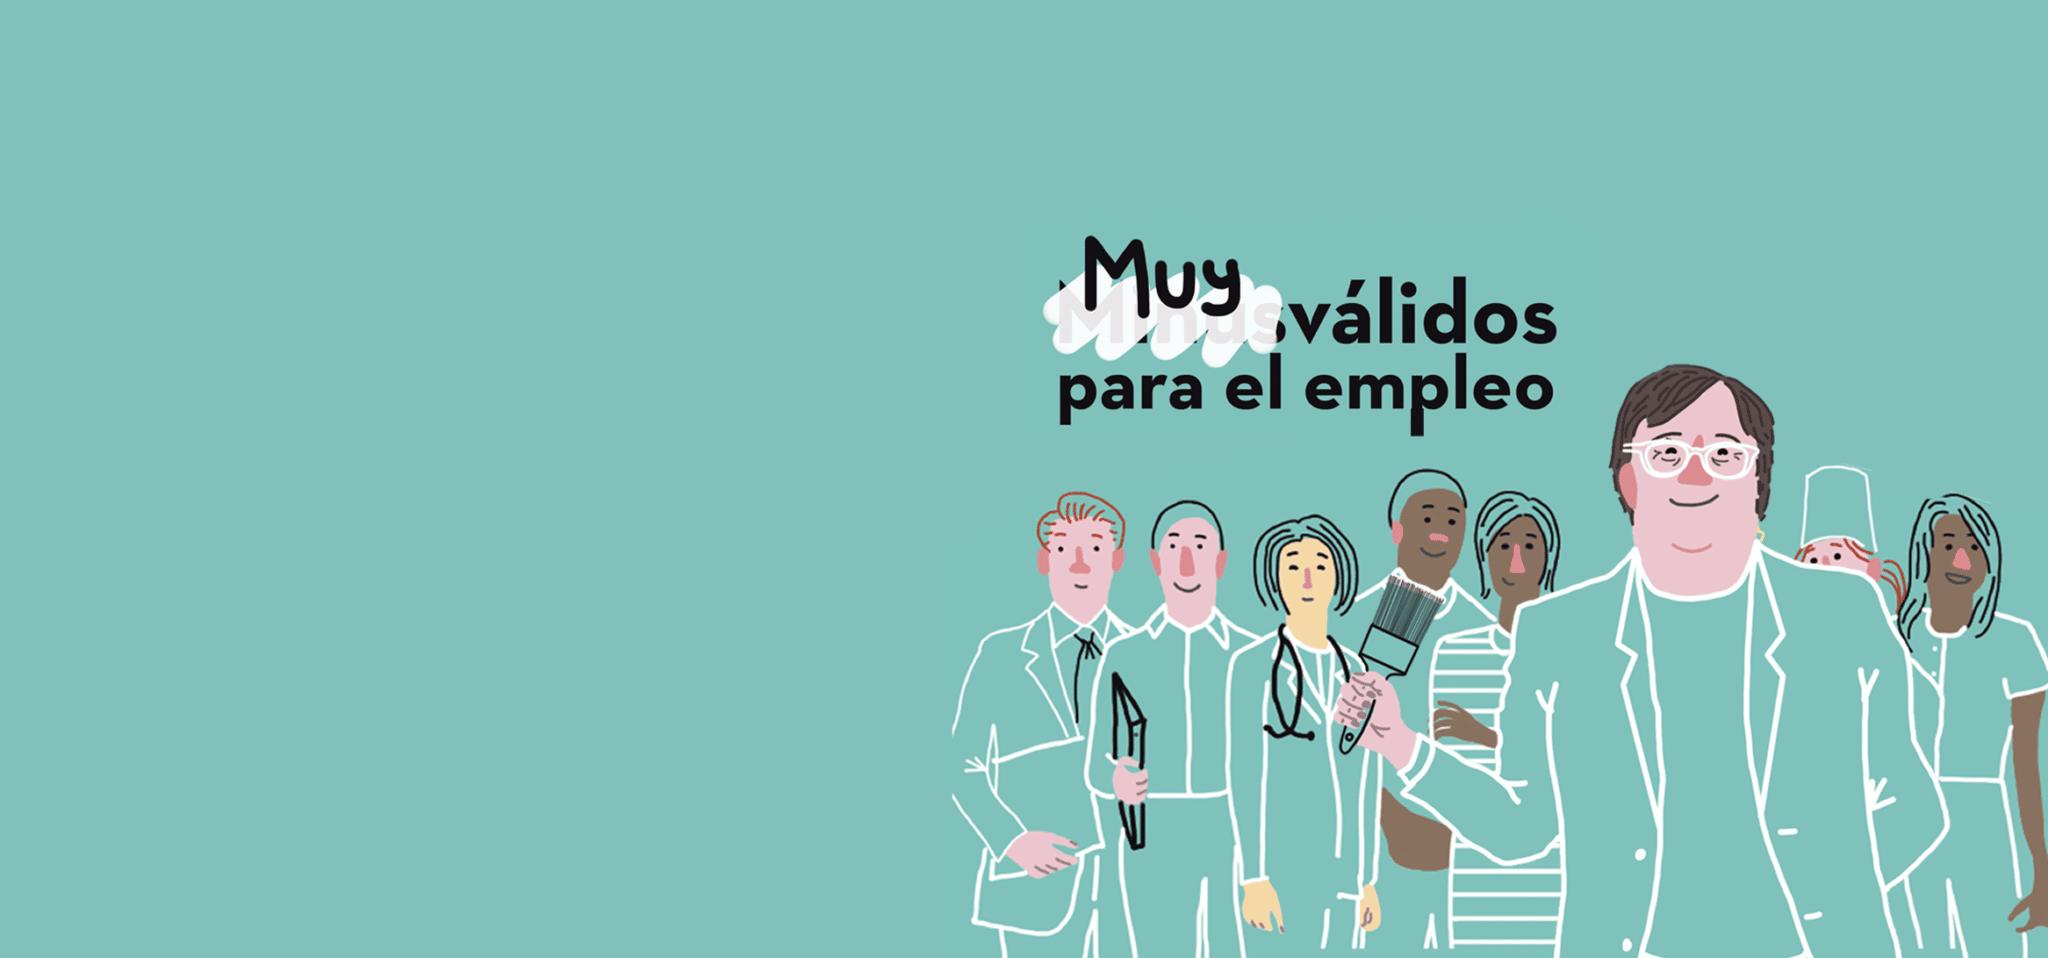 #EmpleoParaTodas